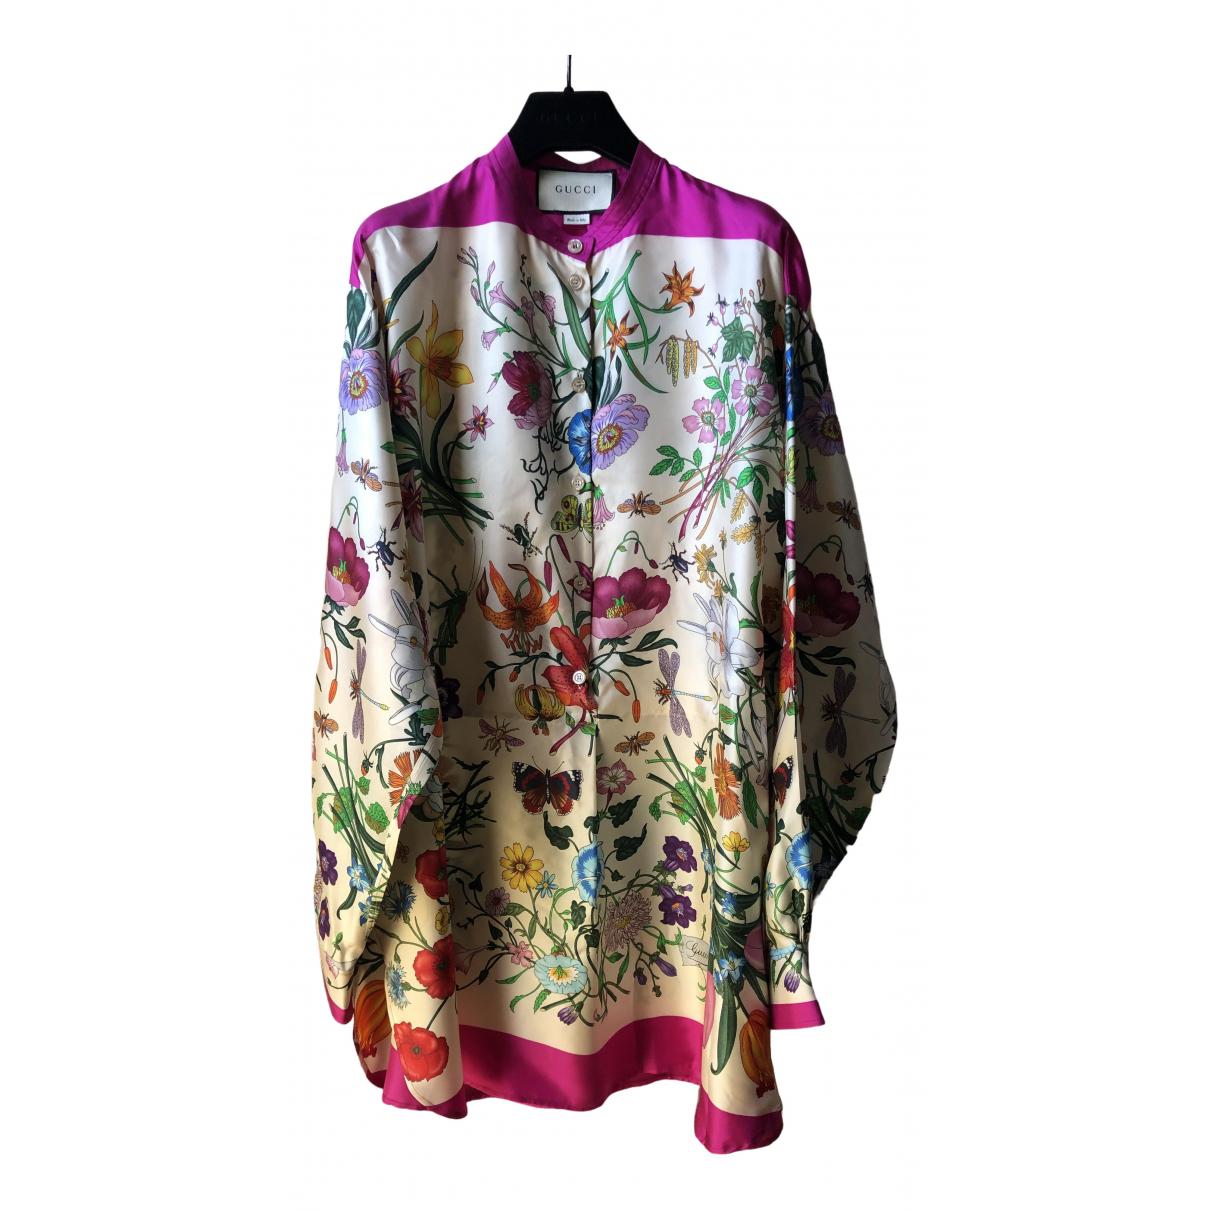 Gucci - Top   pour femme en soie - multicolore